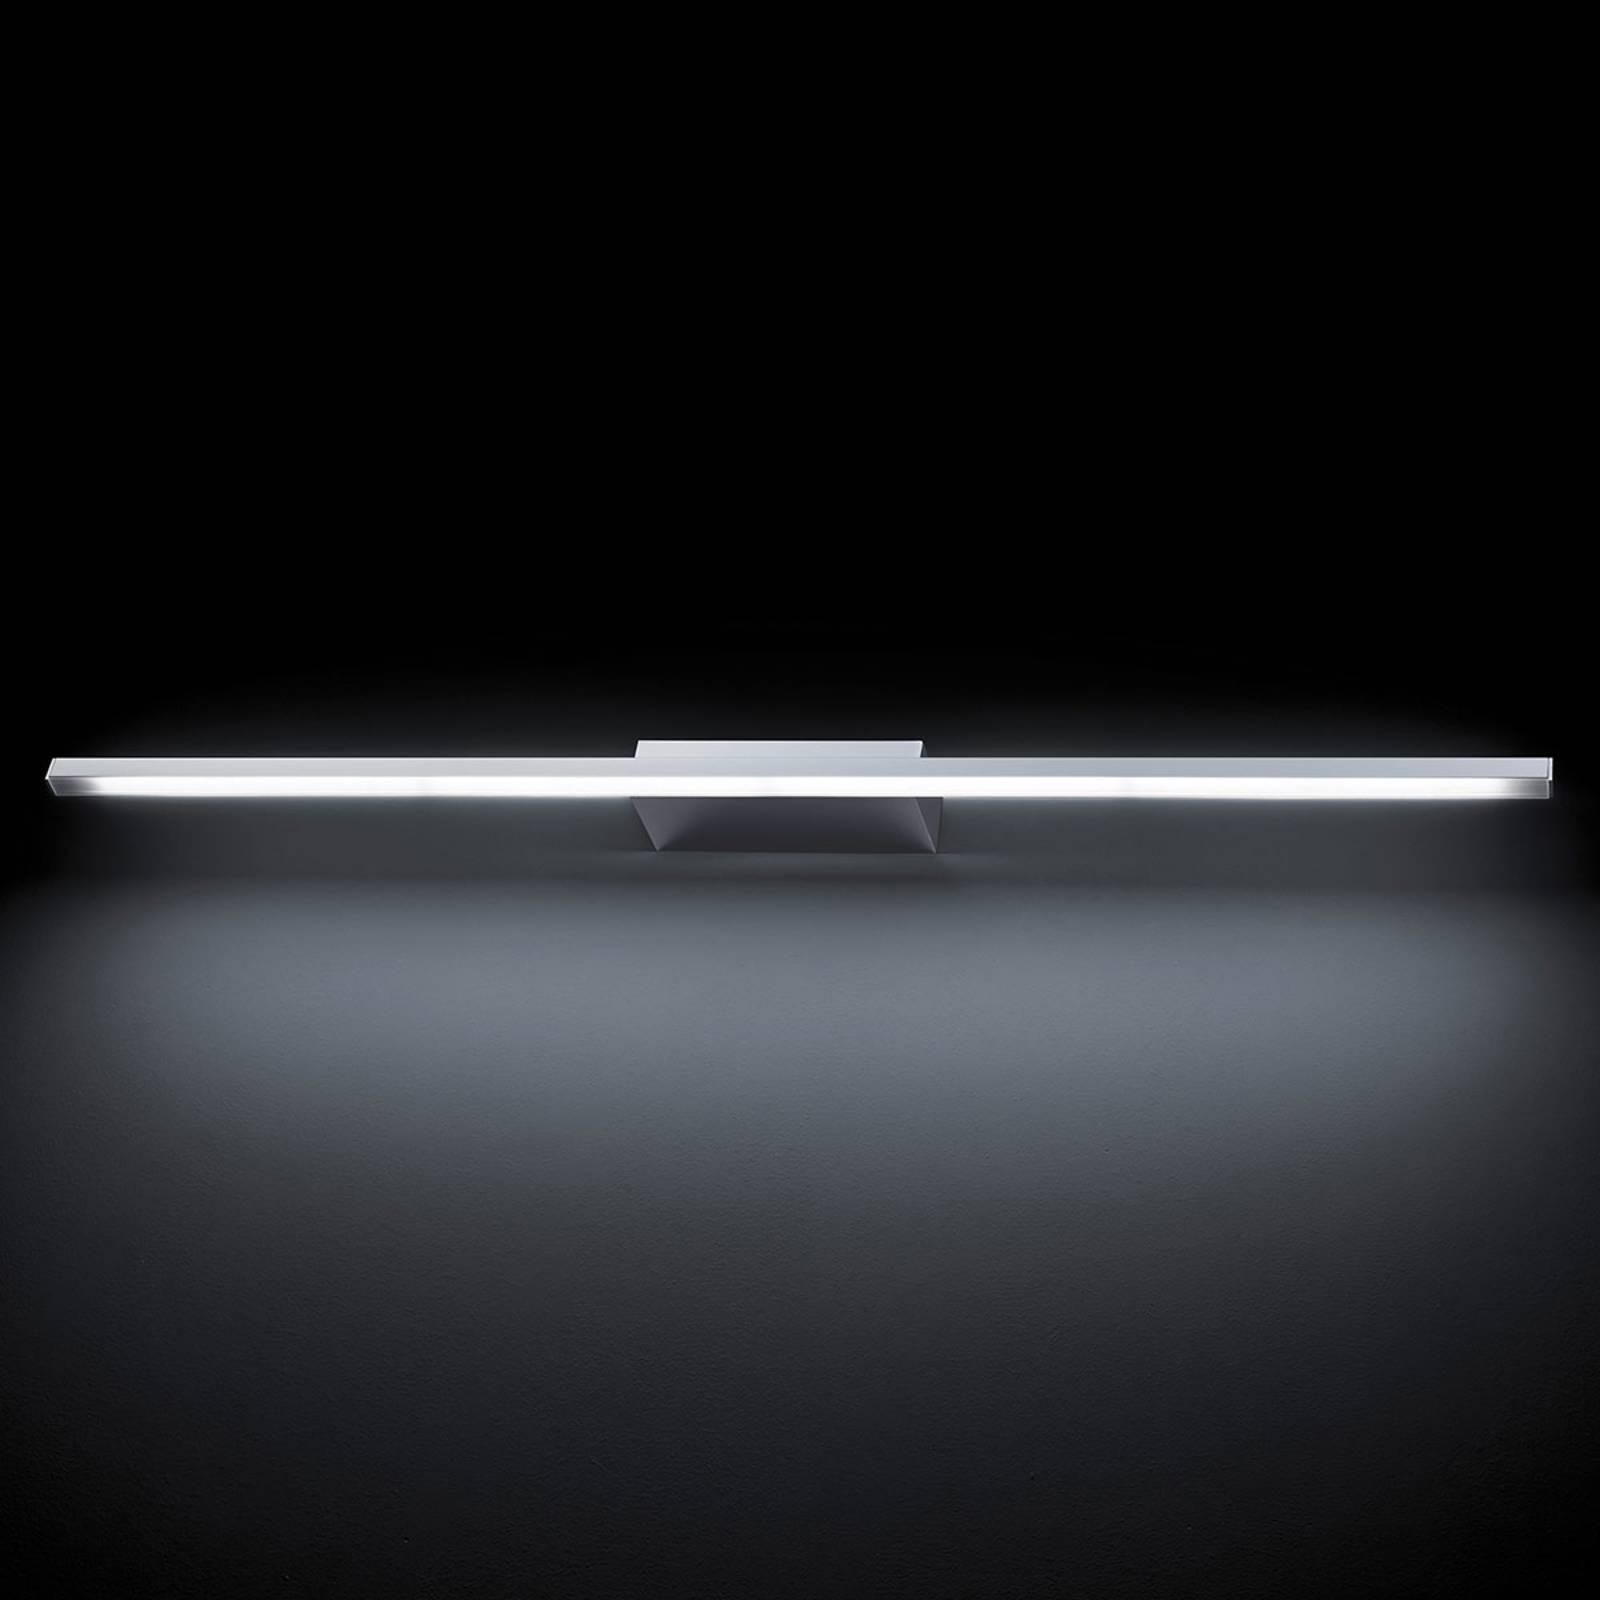 GROSSMANN Forte LED-seinävalaisin, kromi 93,6 cm